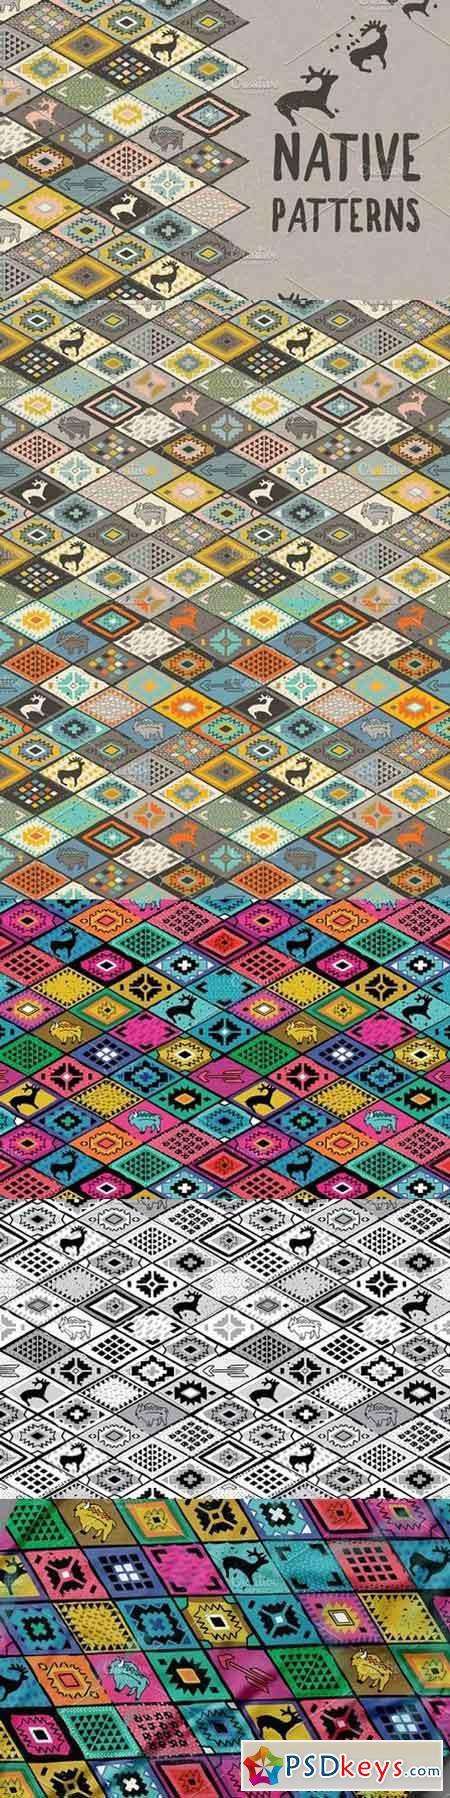 Native patterns 1332578